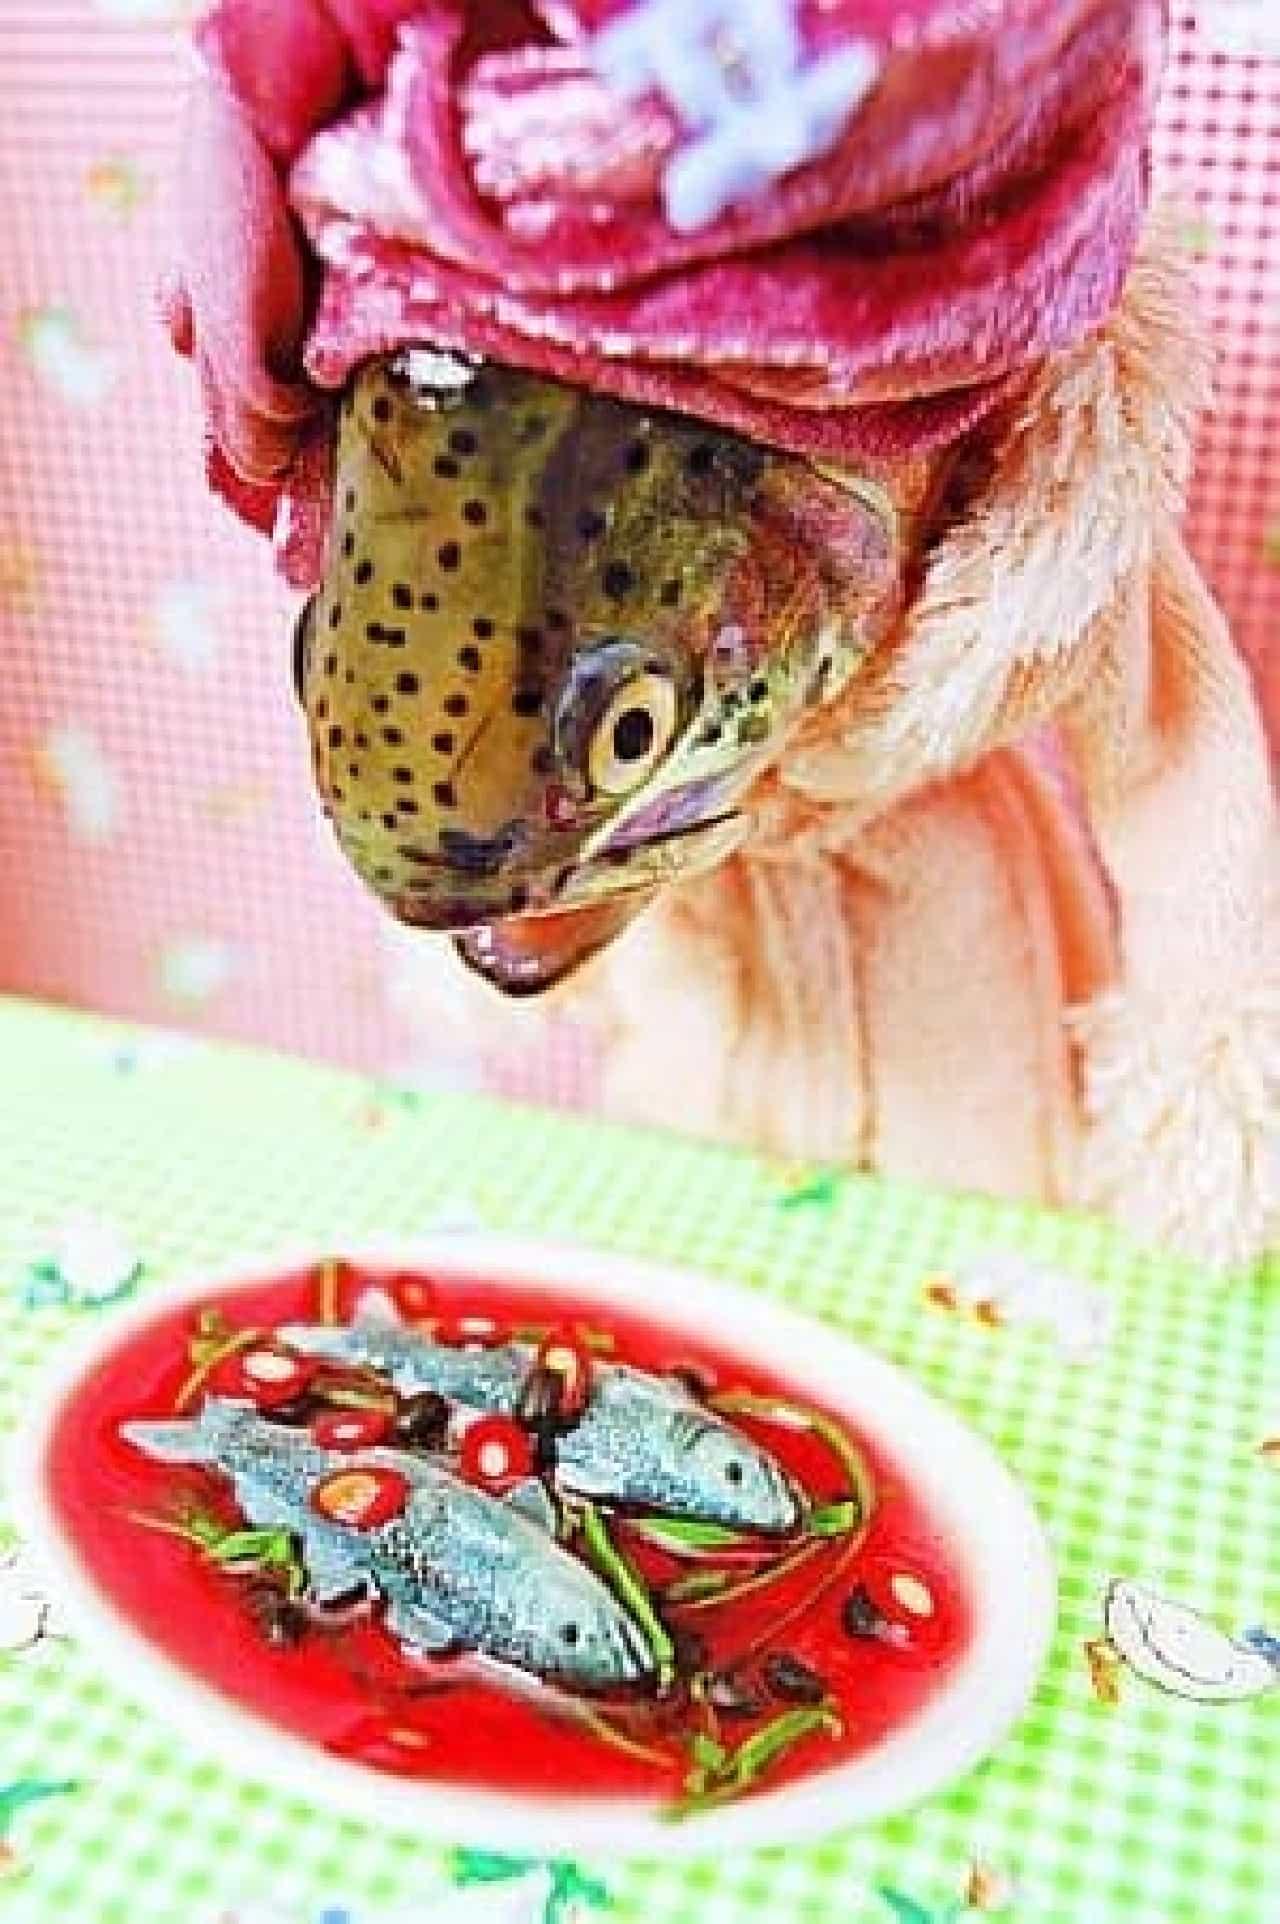 そしてこれは、魚を食べる魚  究極の、ブラック?